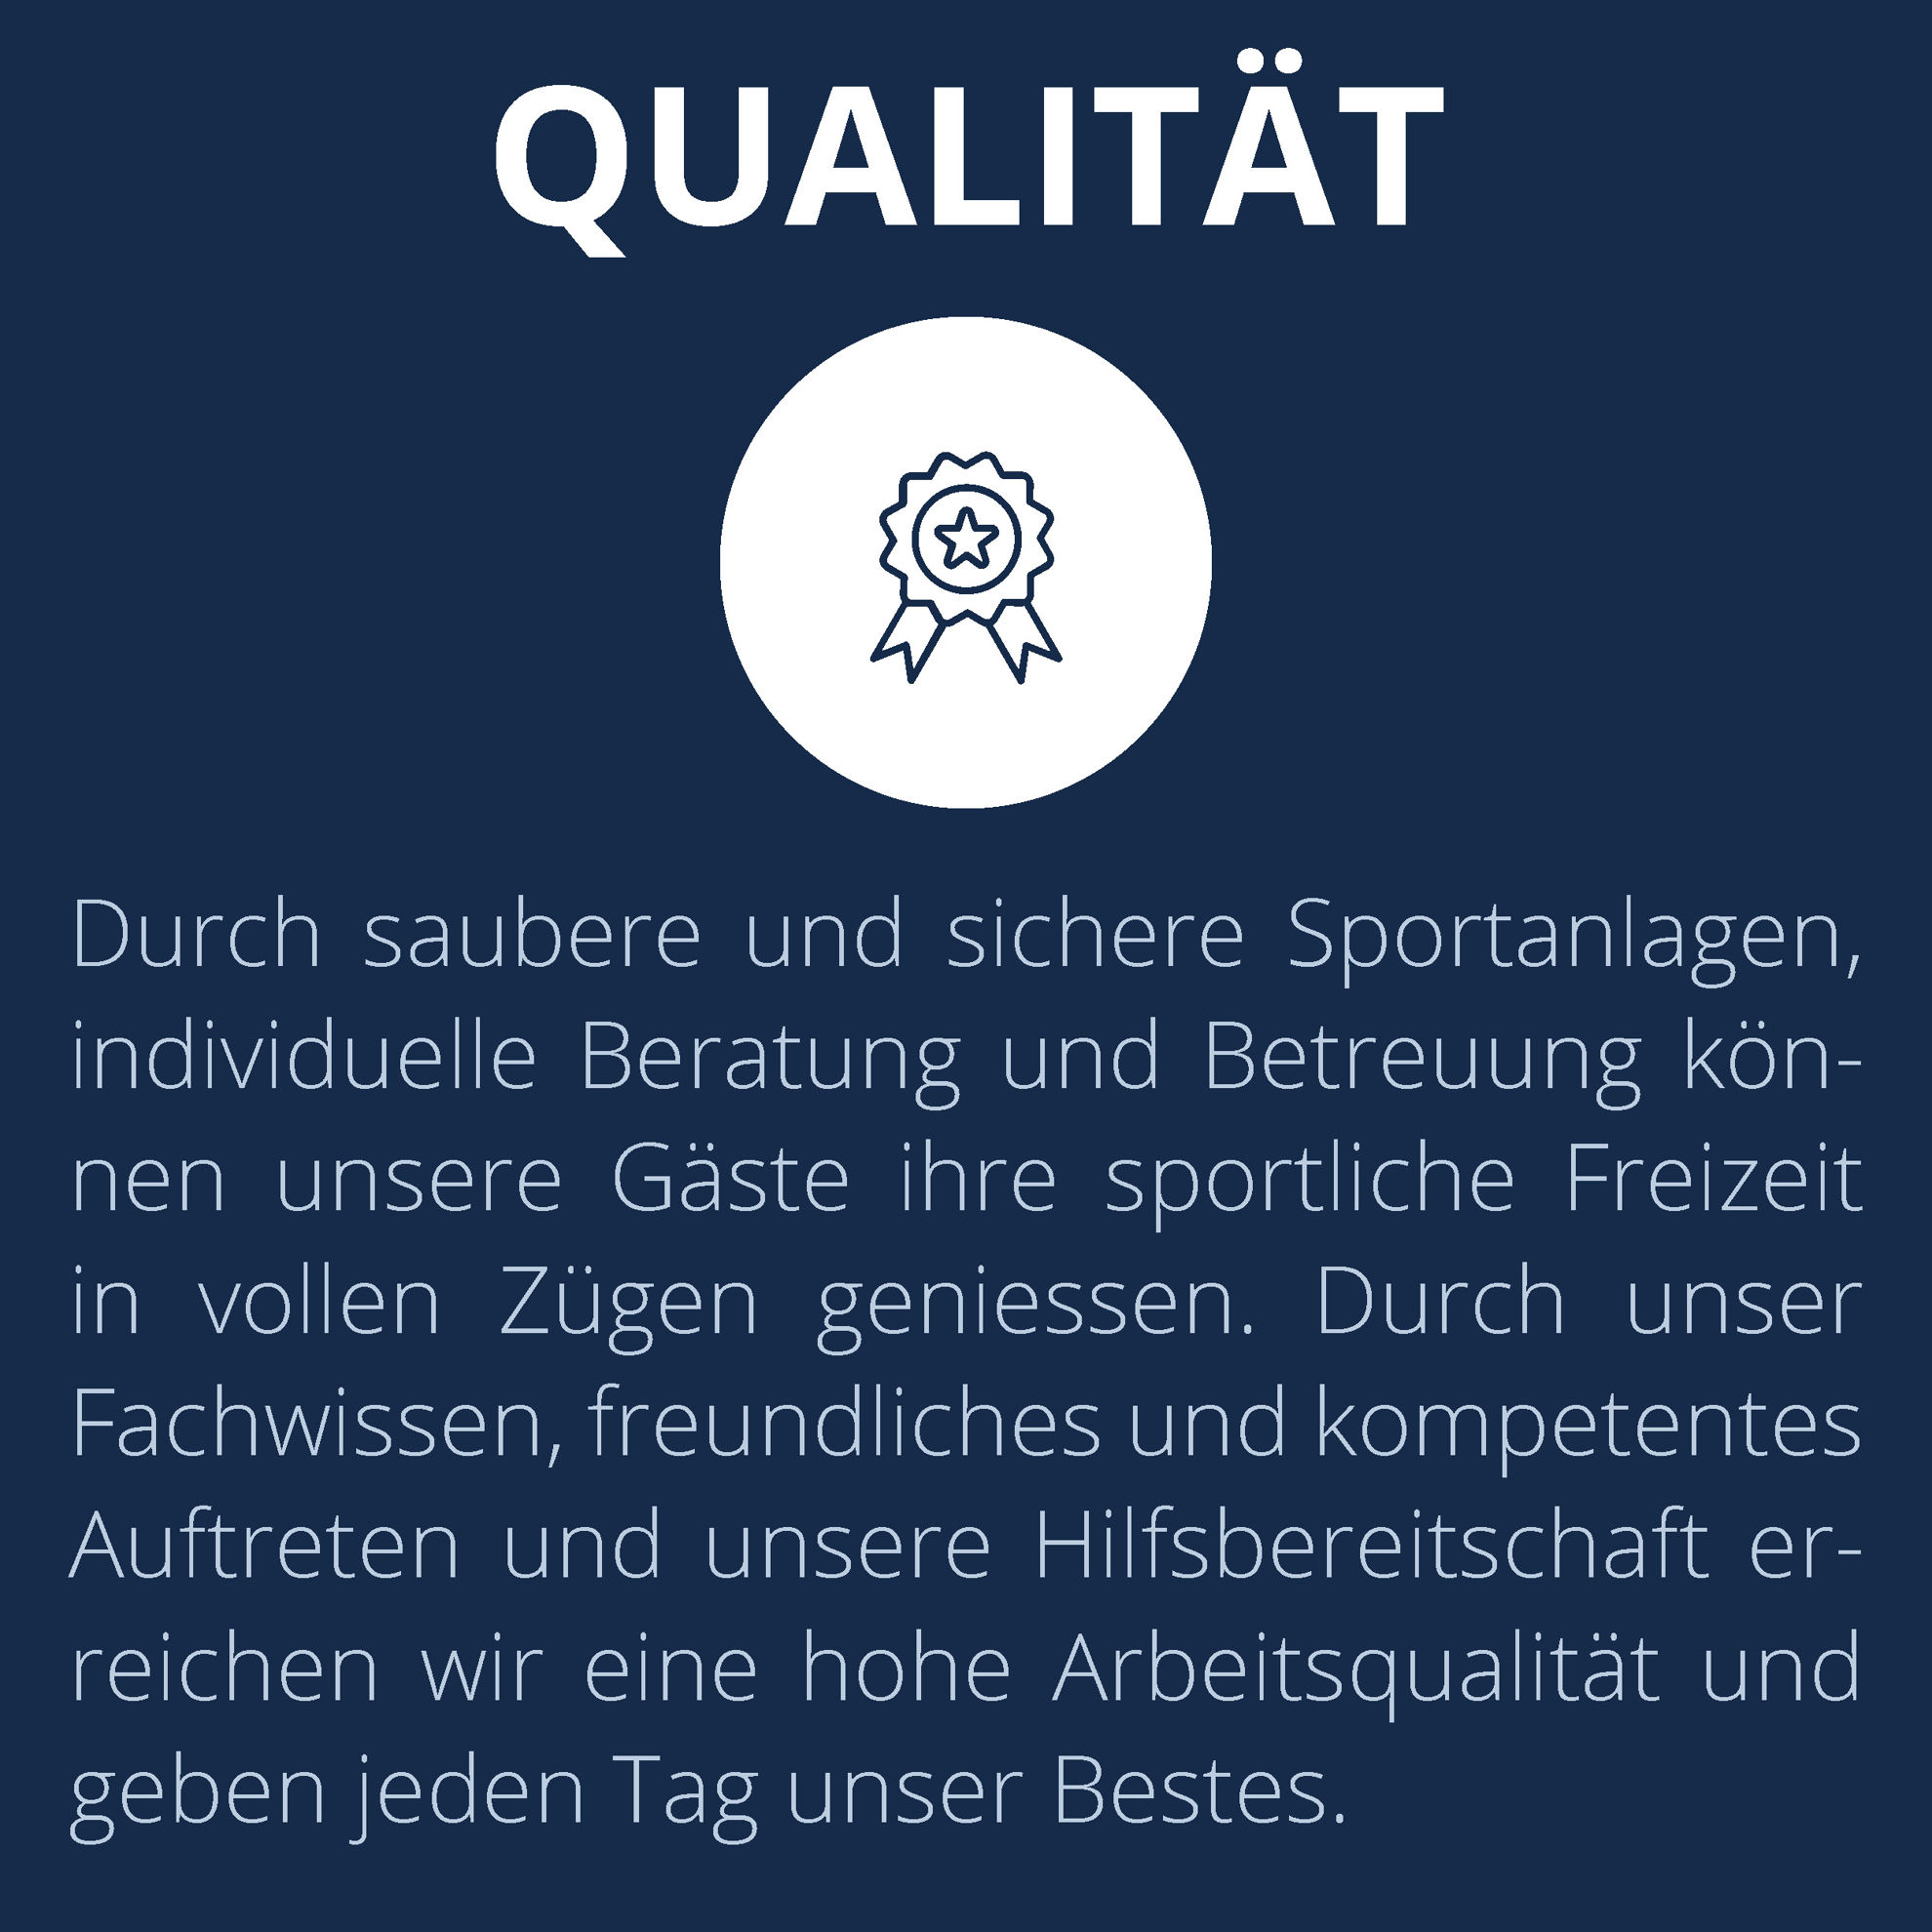 Wert_Qualität